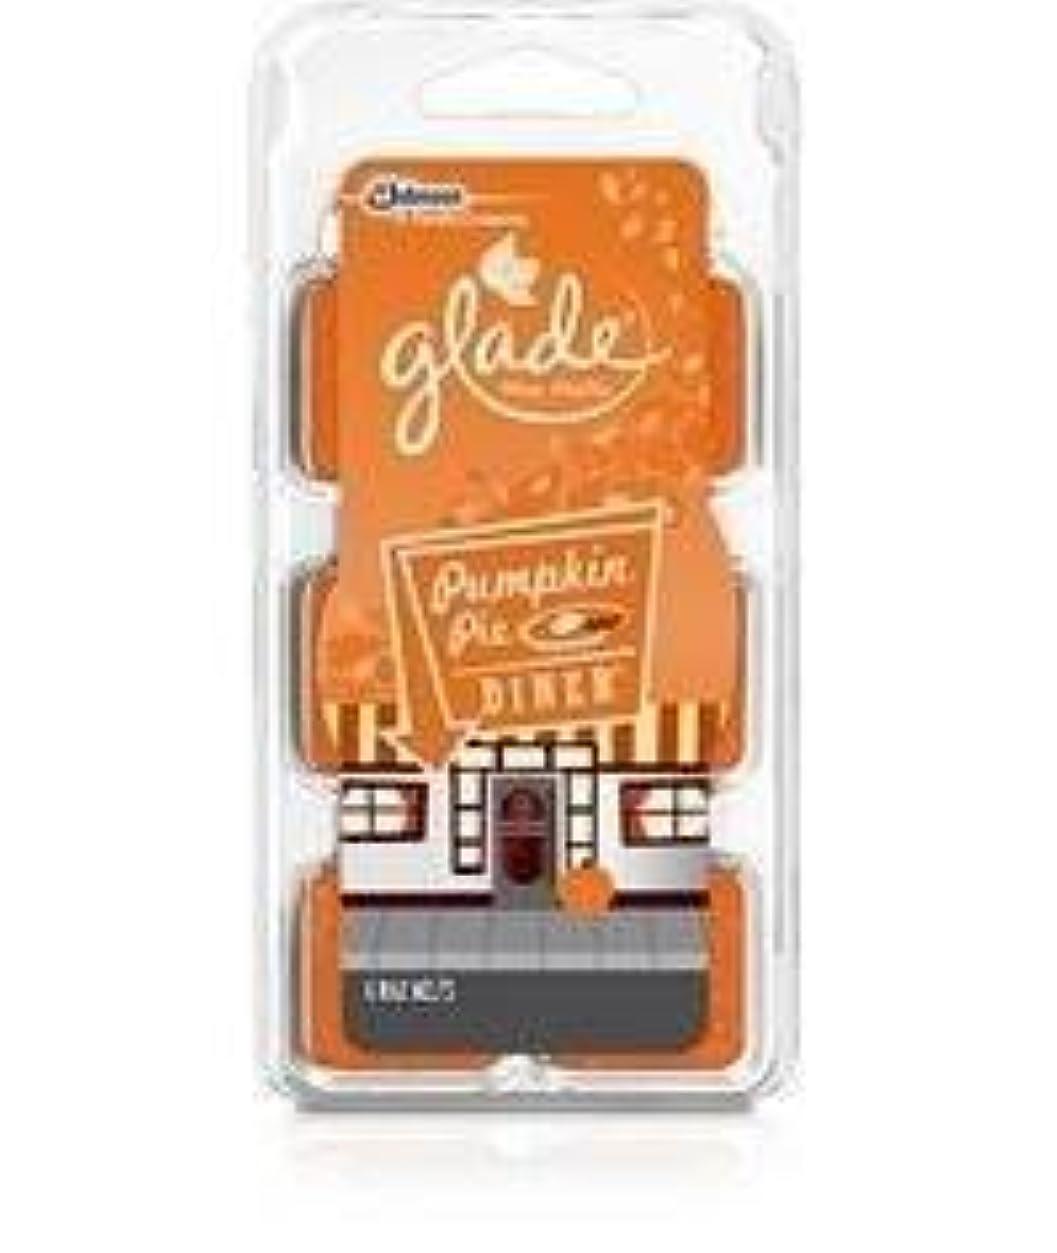 アデレード舌チラチラするGladeワックスMelts – Limited Edition冬コレクションfor the Holidays ( 3、パンプキンパイDiner ) by SCジョンソン